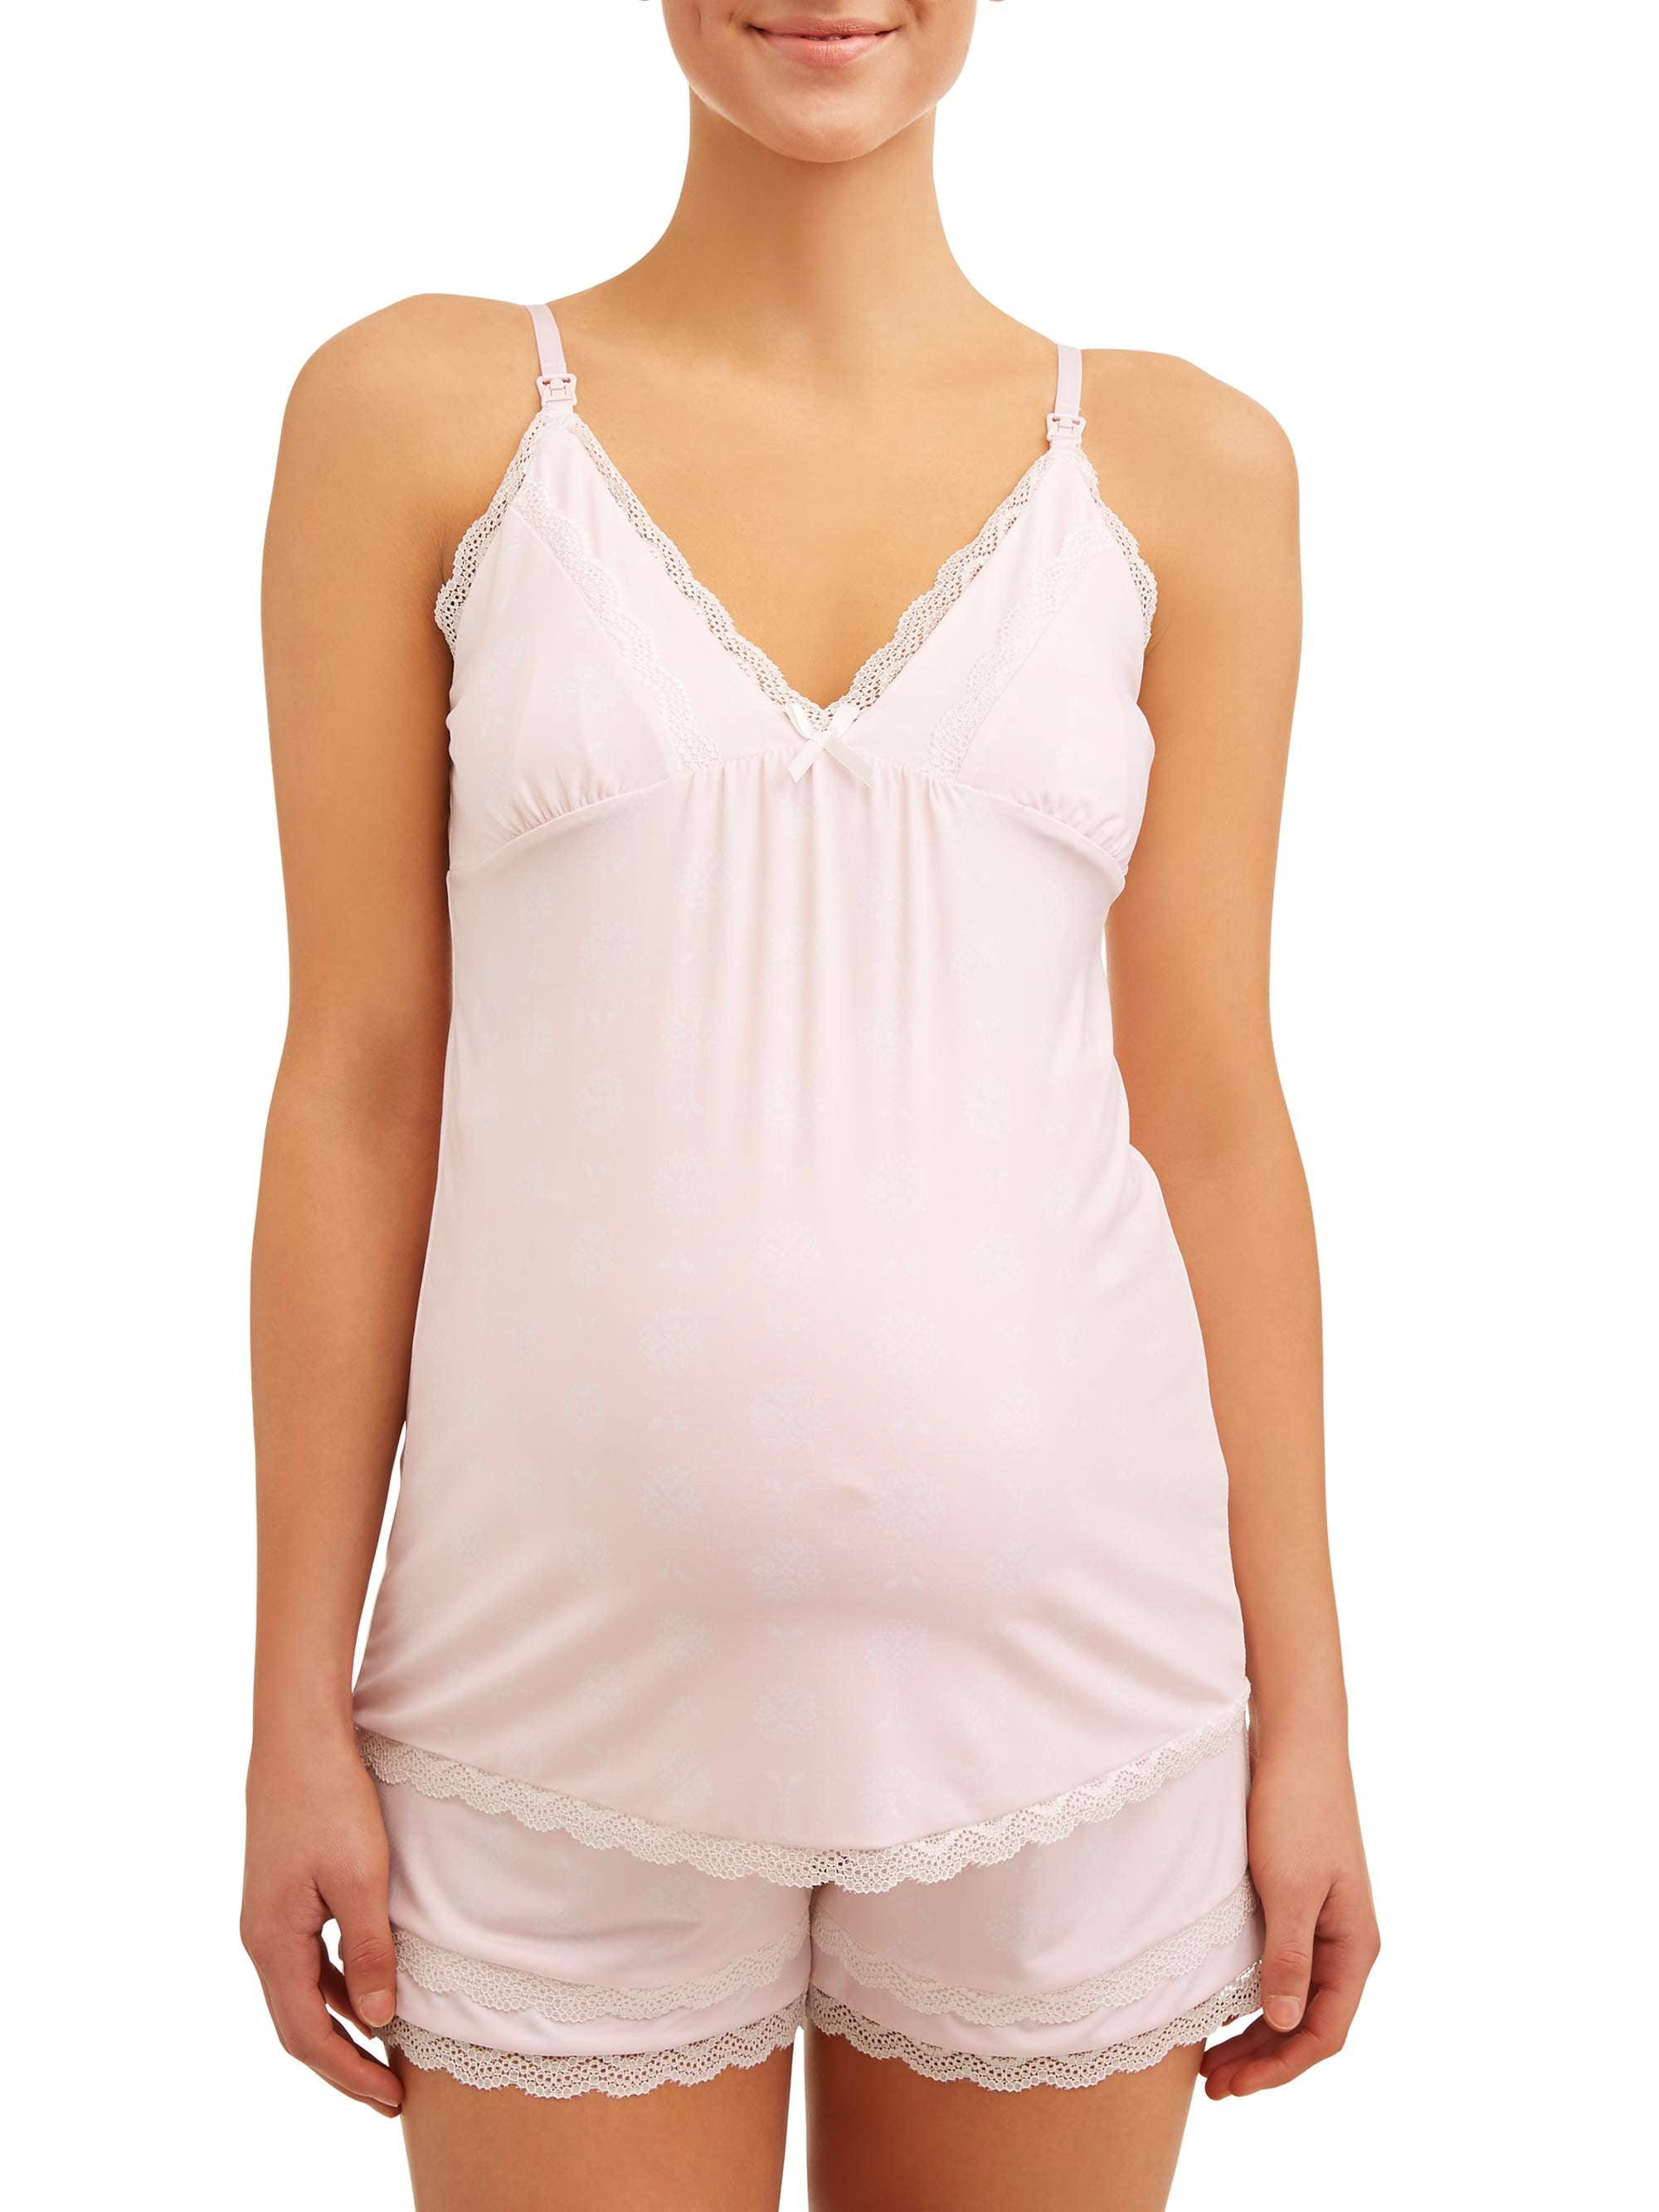 Maternity Nursing Snap Down Top and Shorts Set